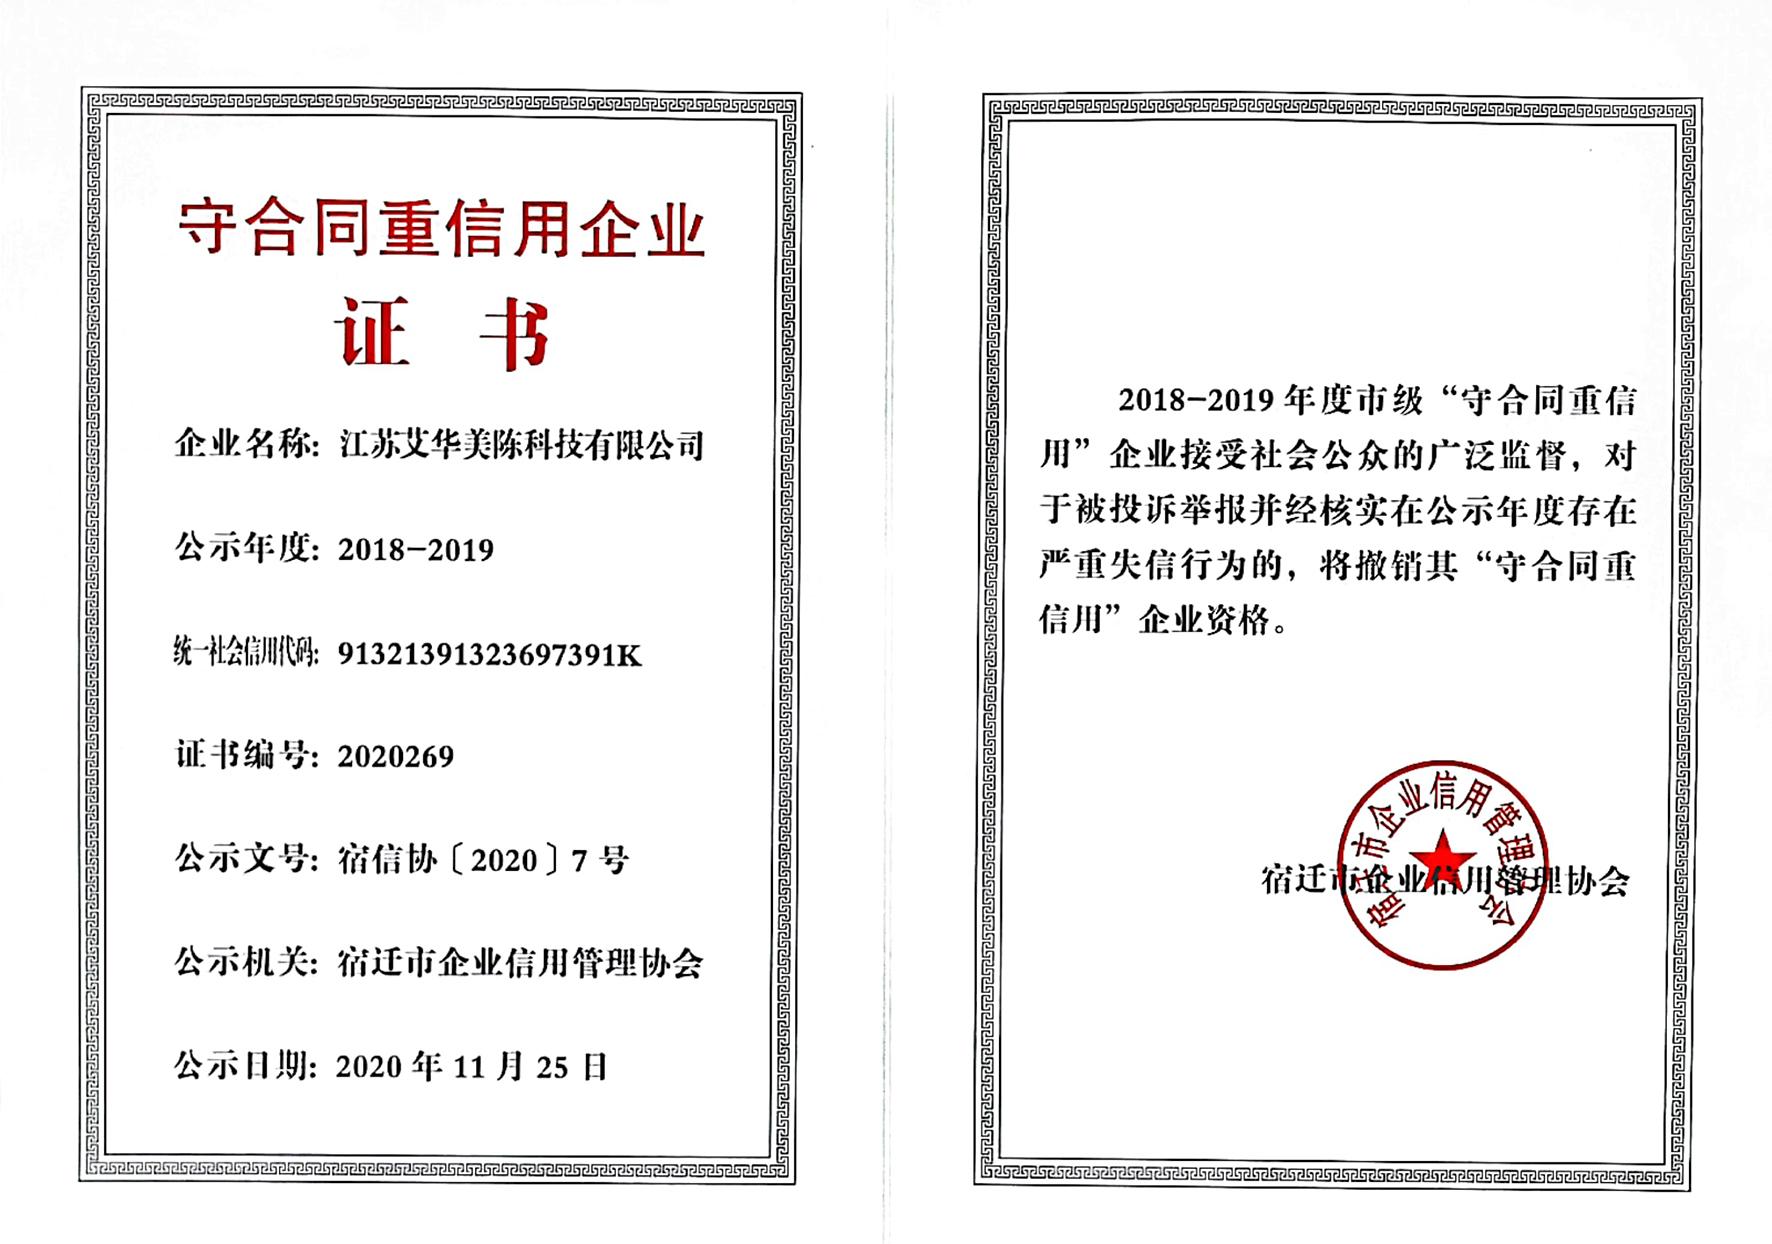 """喜讯!艾华美陈荣获宿迁市""""守合同重信用企业""""(图2)"""